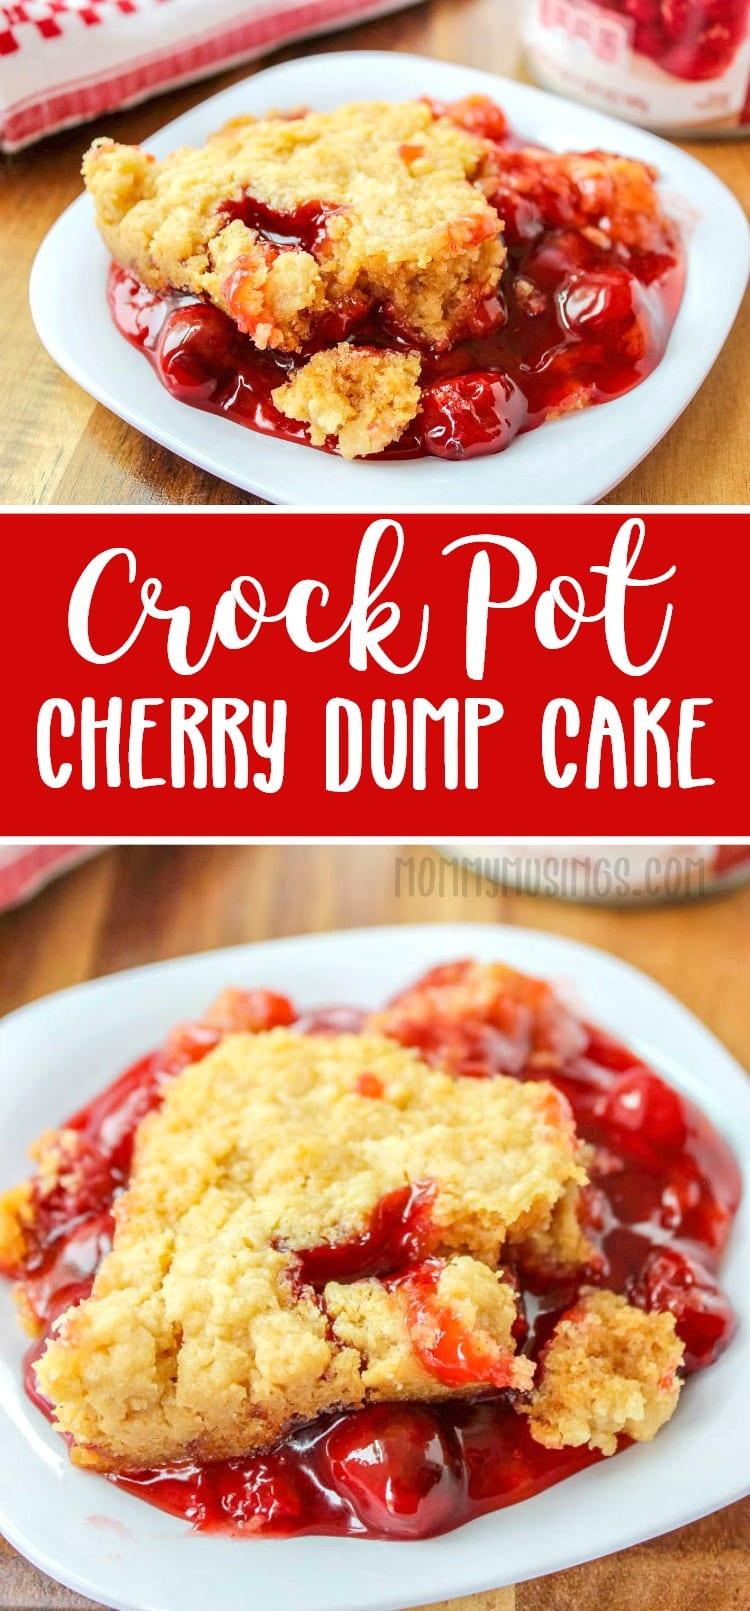 Chocolate Dump Cake Crock Pot Recipe